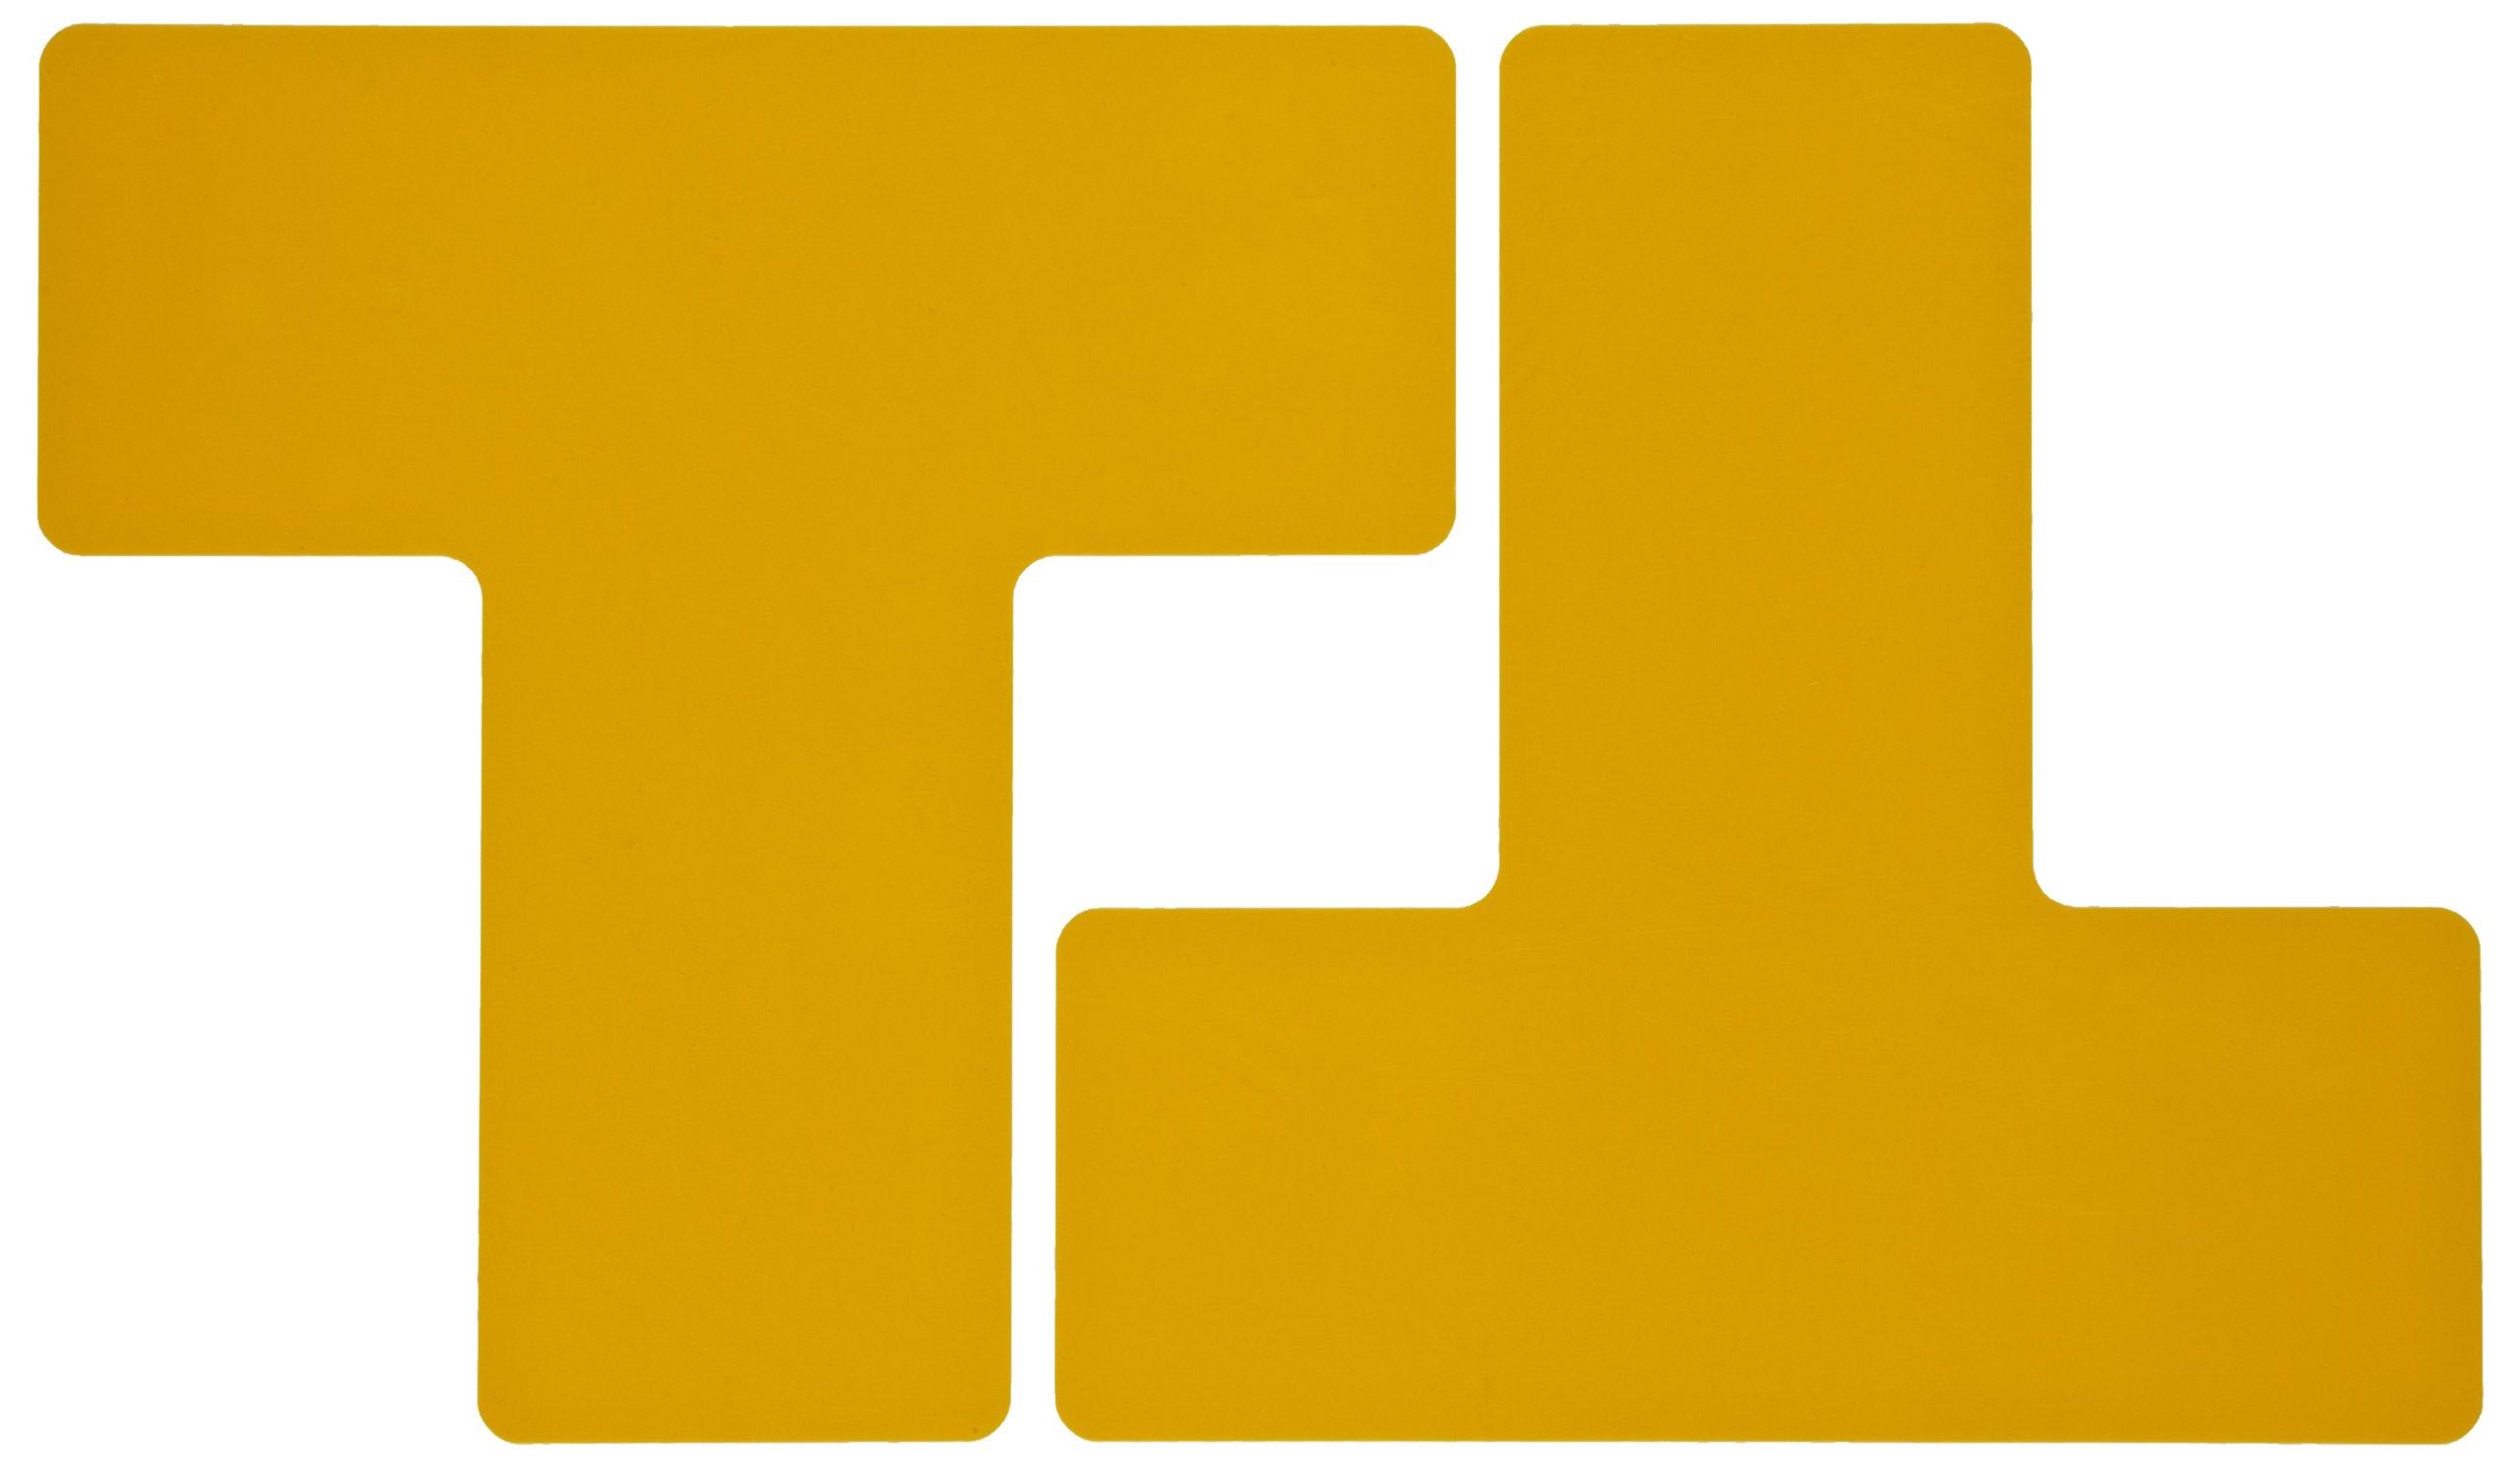 Brady ToughStripe Nonabrasive T Shape Floor Marking Tape, 8'' Length, 3'' Width, Yellow (Pack of 20 per Roll)